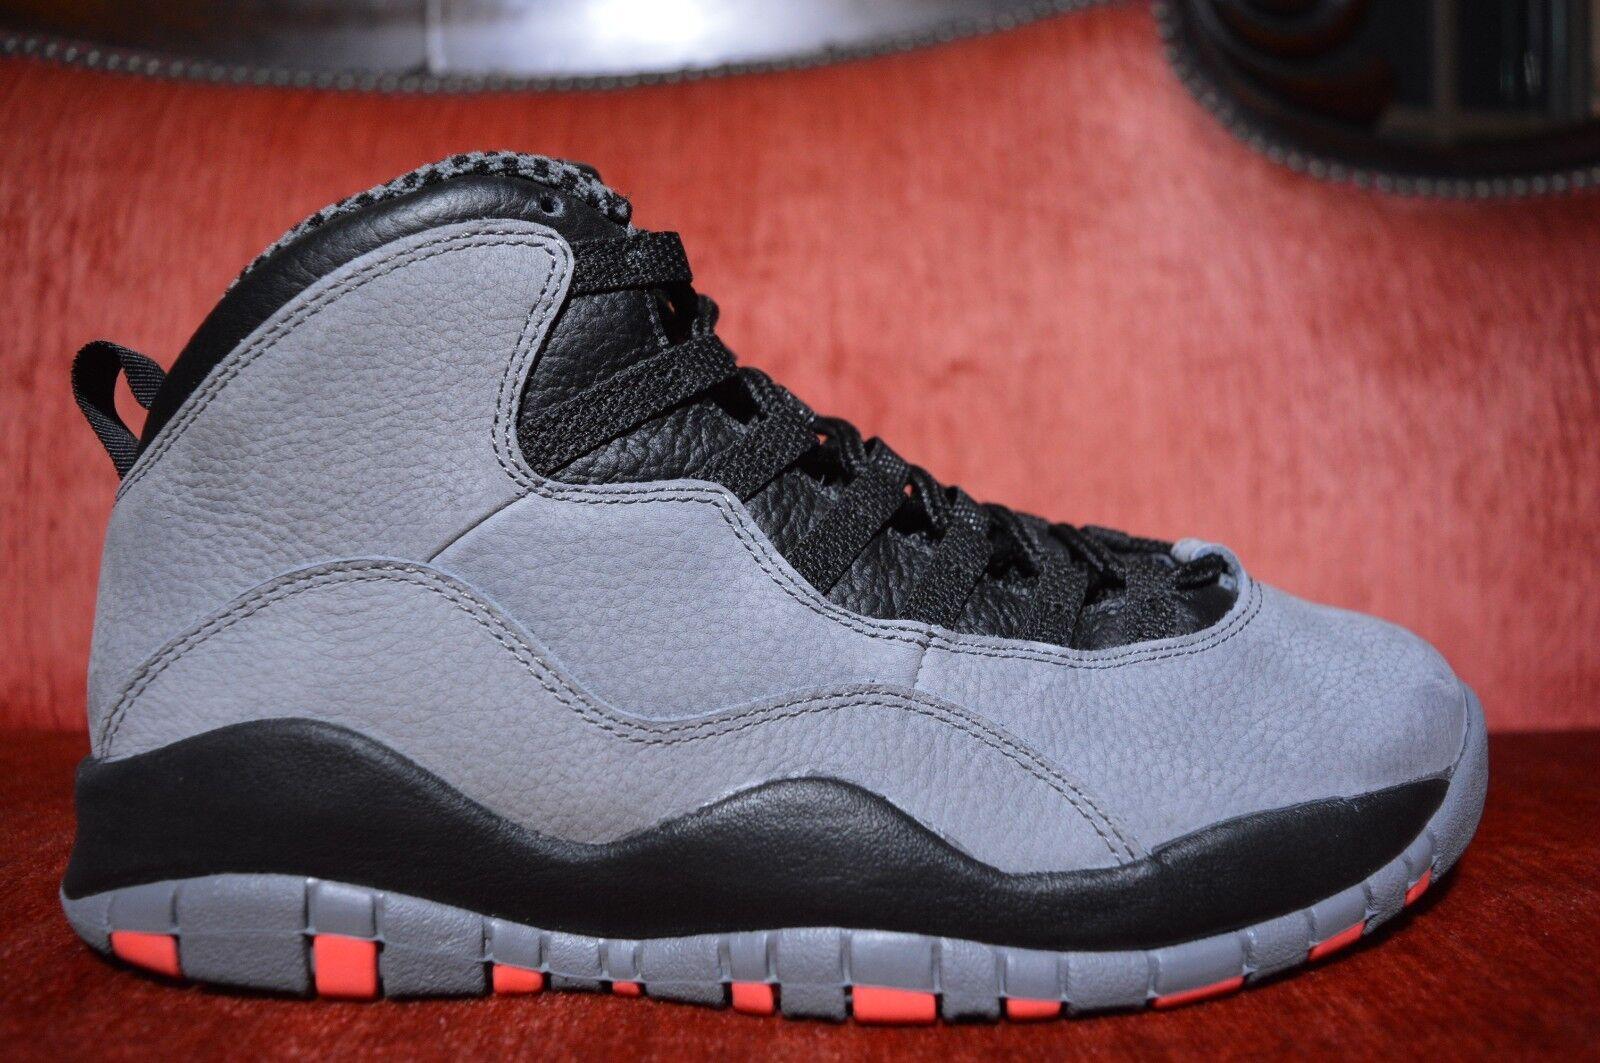 WORN 1X Nike Air Jordan Retro 10 Cool Grey/Infrared-Nero Infrared Size 8 Nike